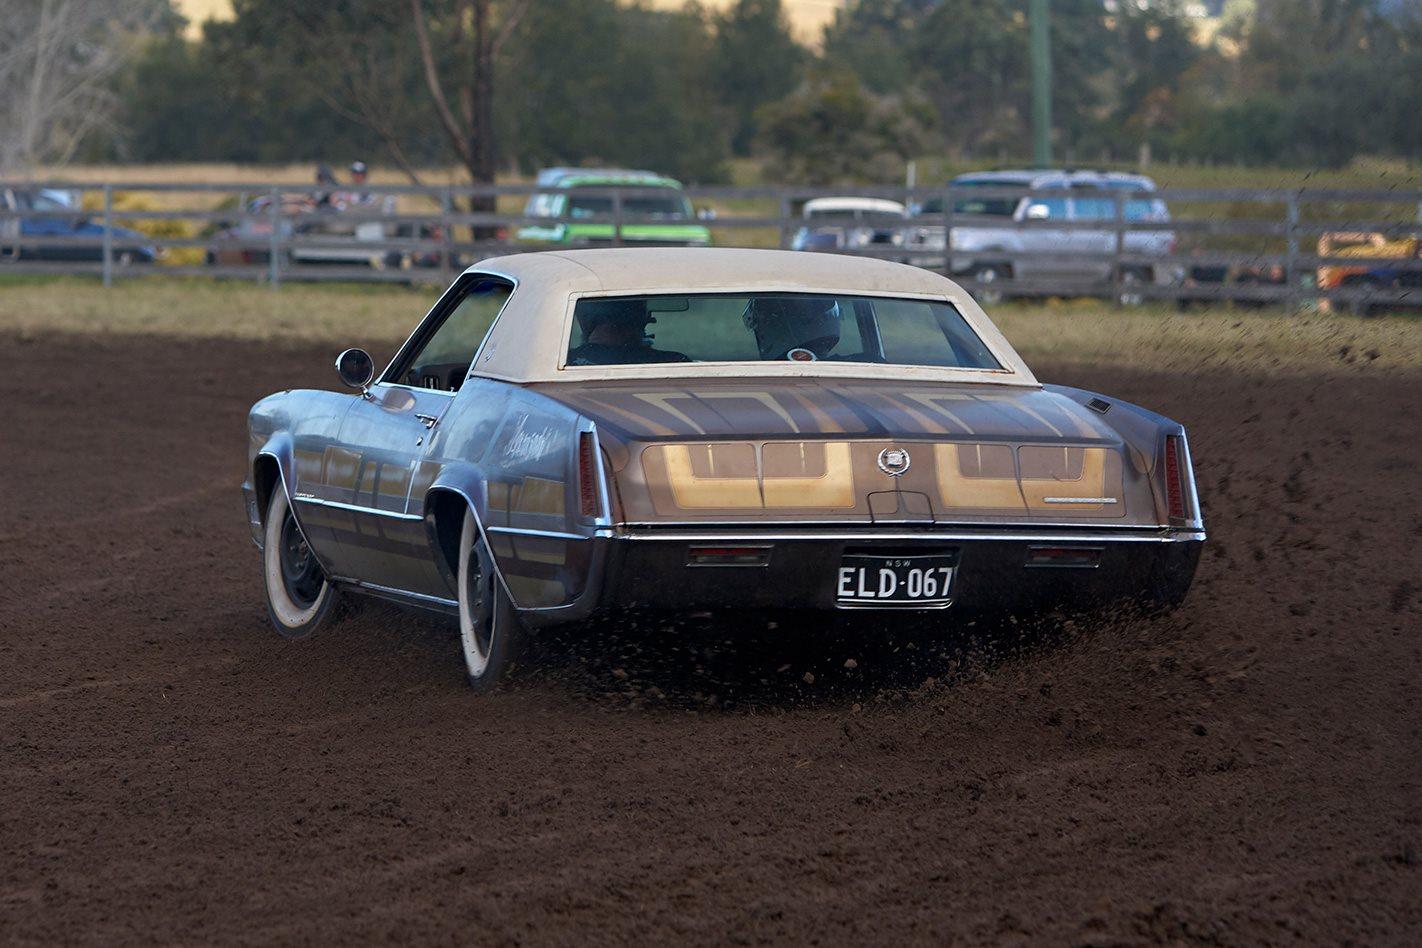 Mud Run Devil Car Club